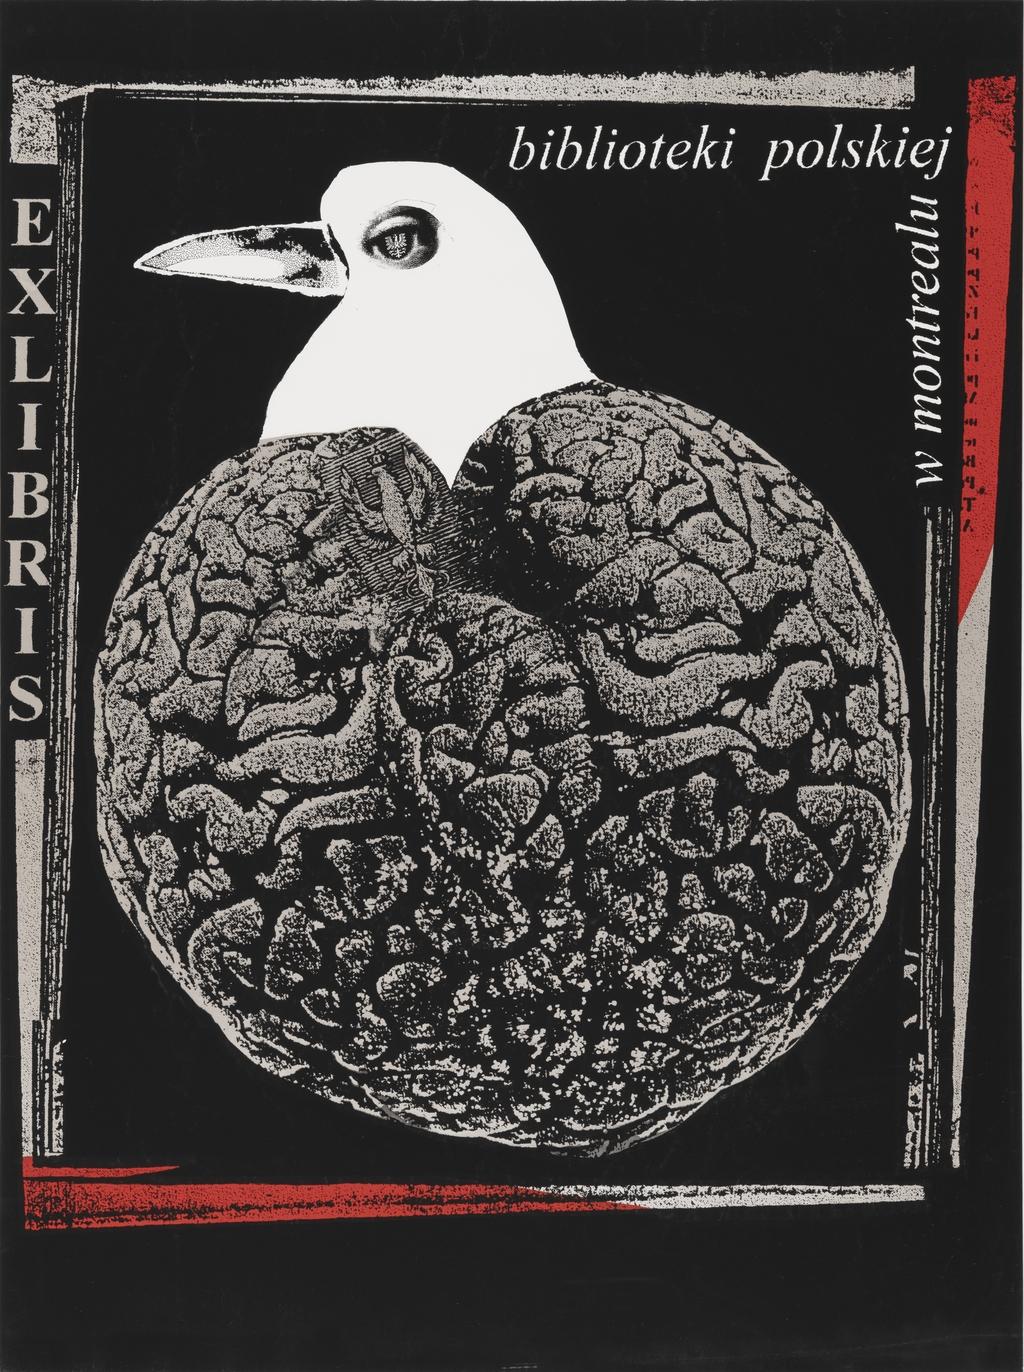 Ex libris. Biblioteki polskiej w Montrealu